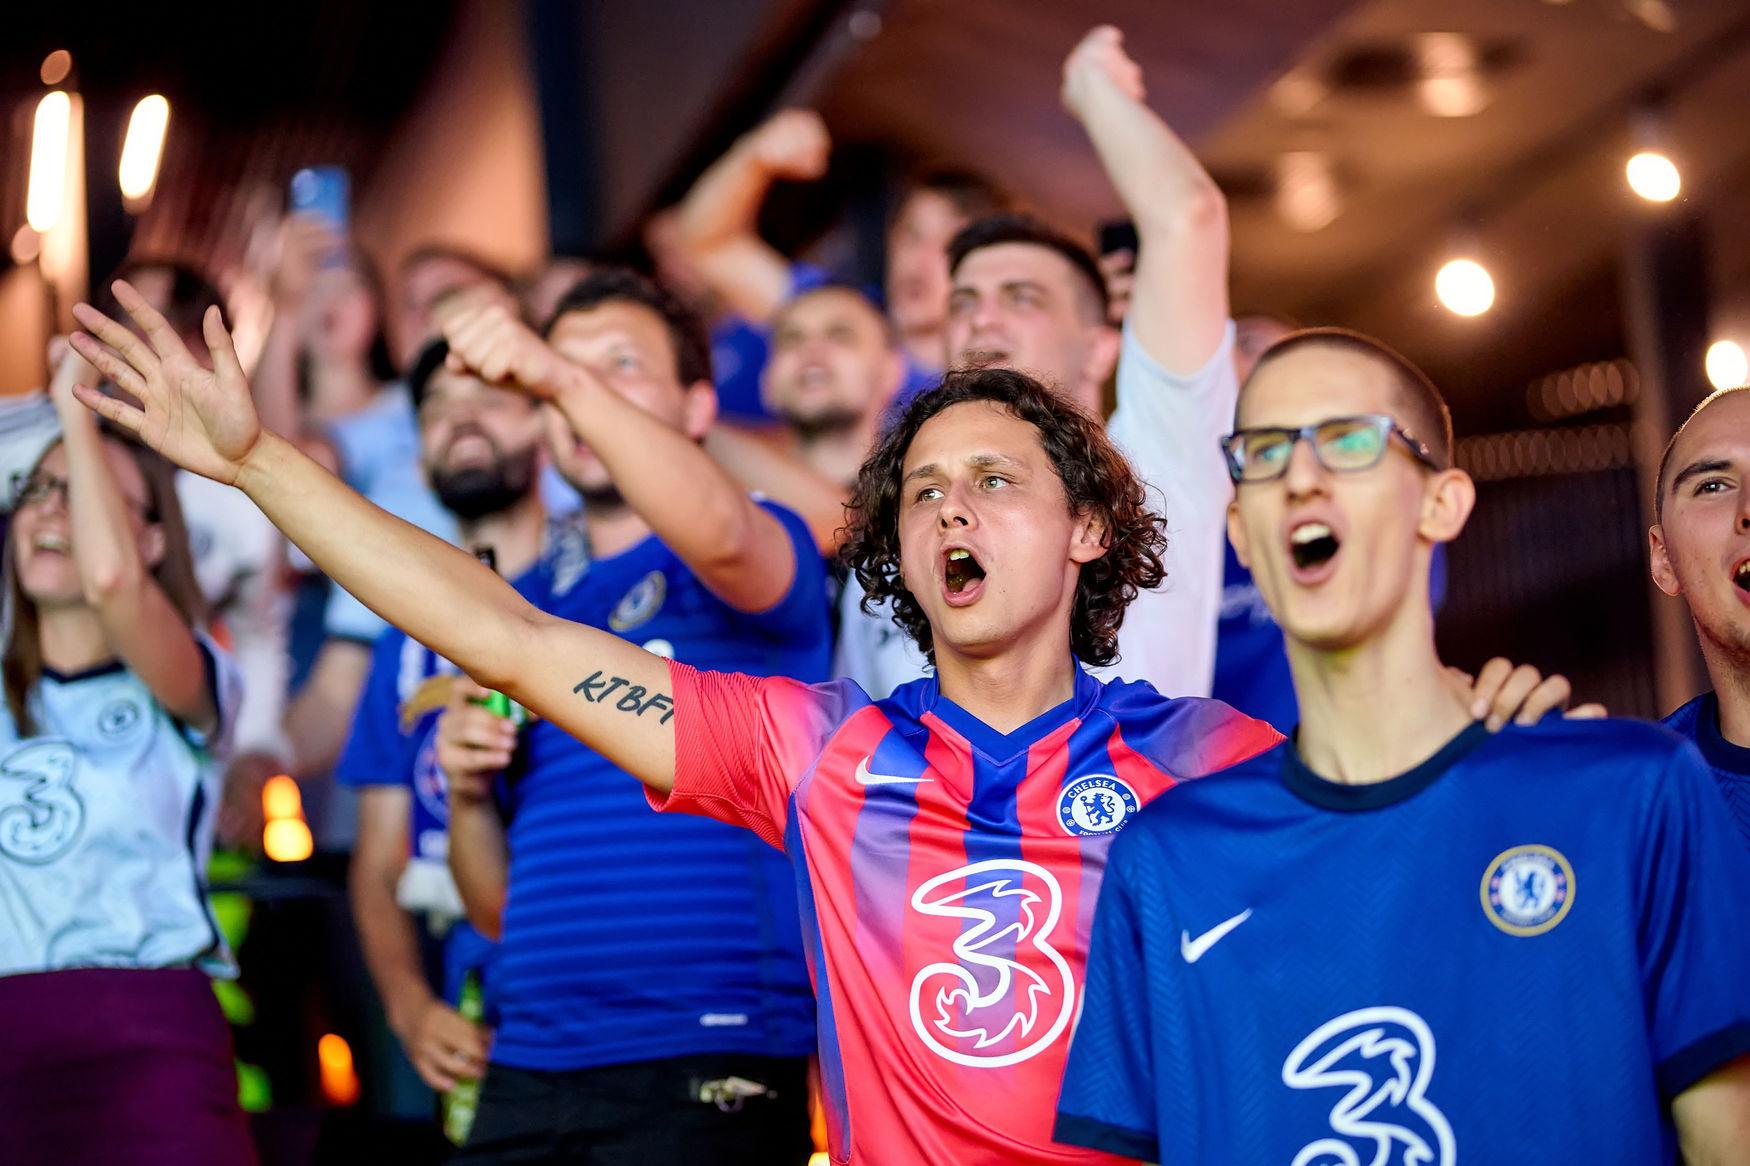 Parimatch представил партнерство с официальным фан-клубом Челси в Украине - изображение 4